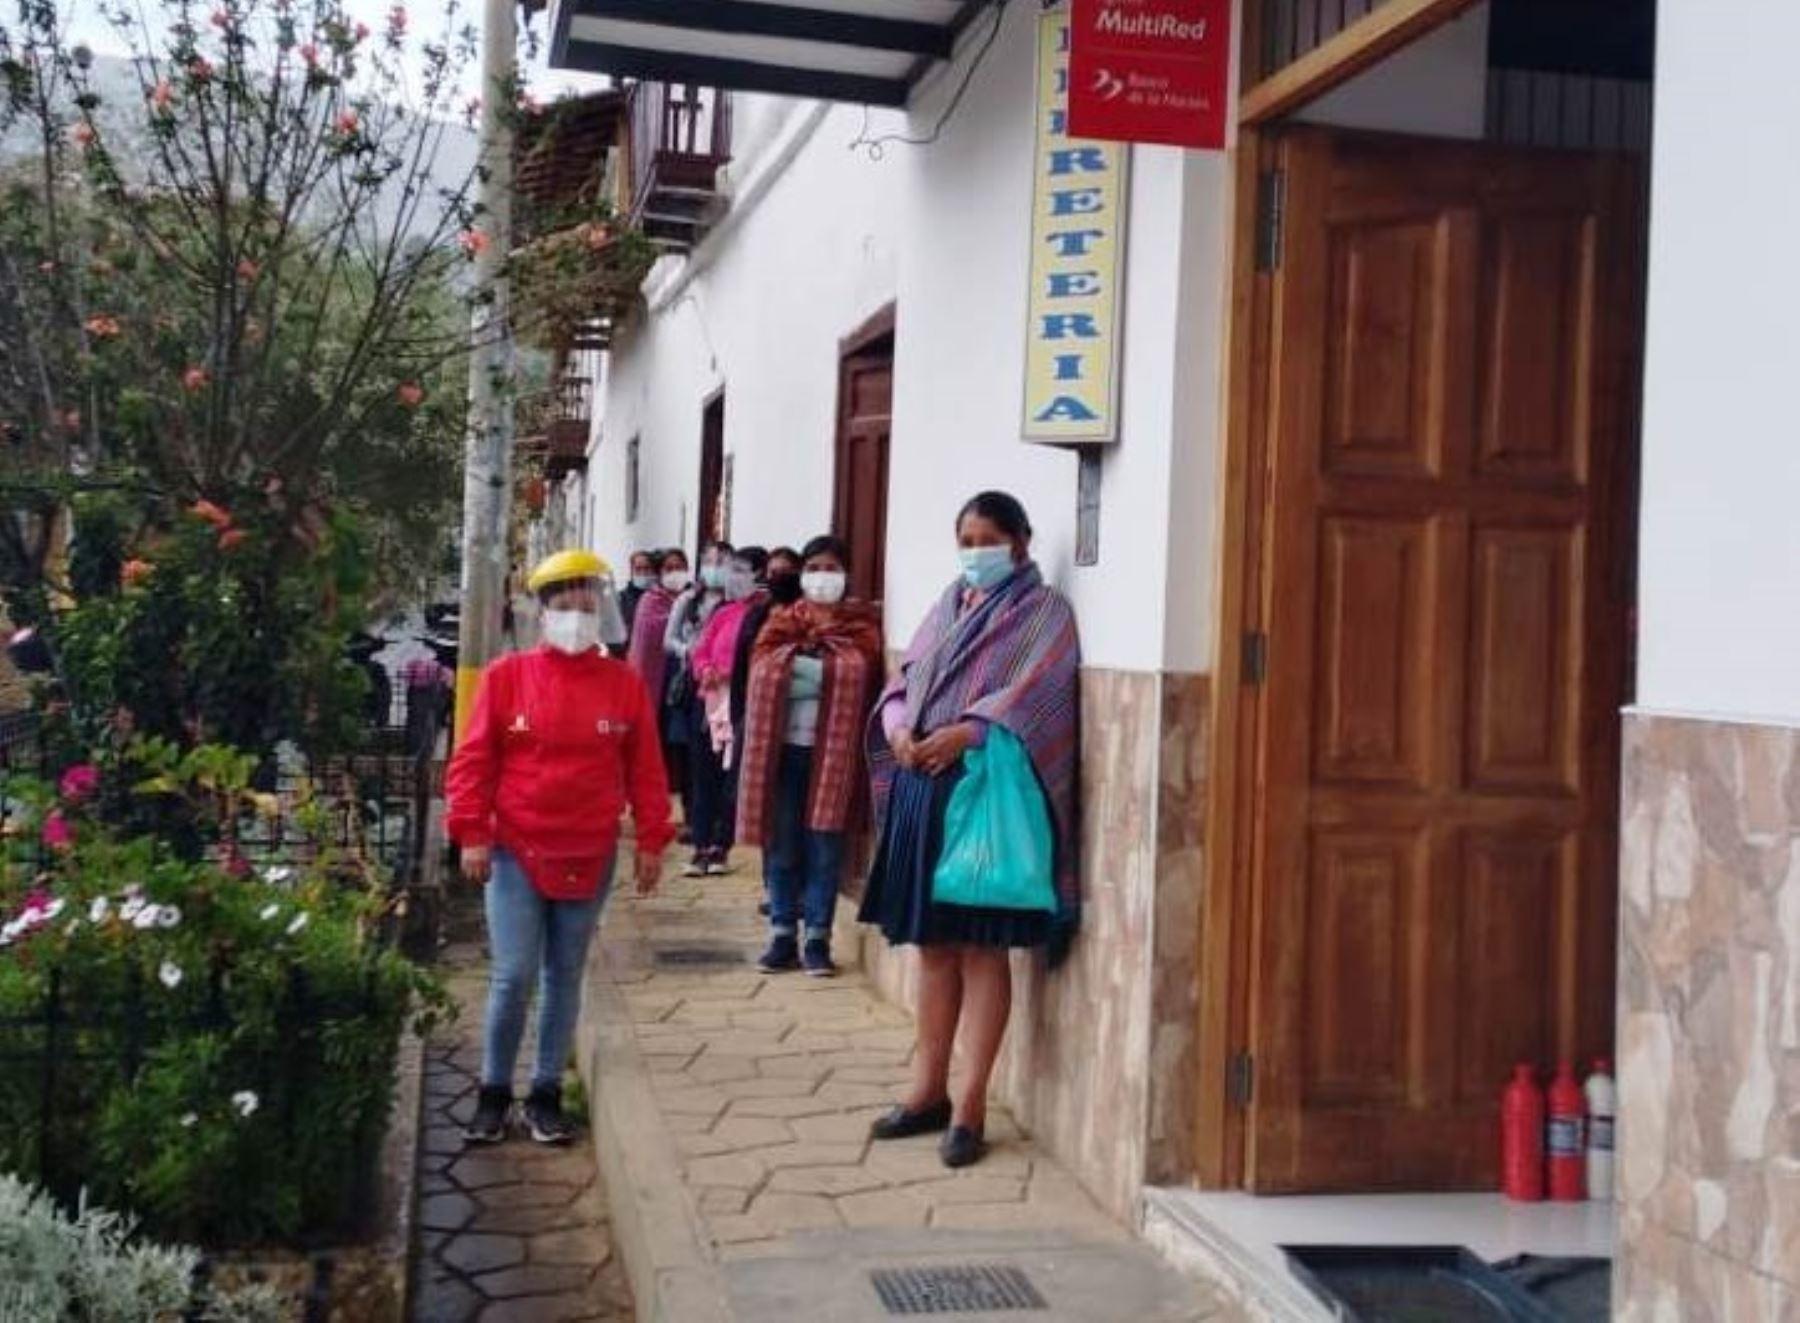 Más de 80,000 hogares pobres de la región Cajamarca reciben abonos que entrega el programa social Juntos. ANDINA/Difusión